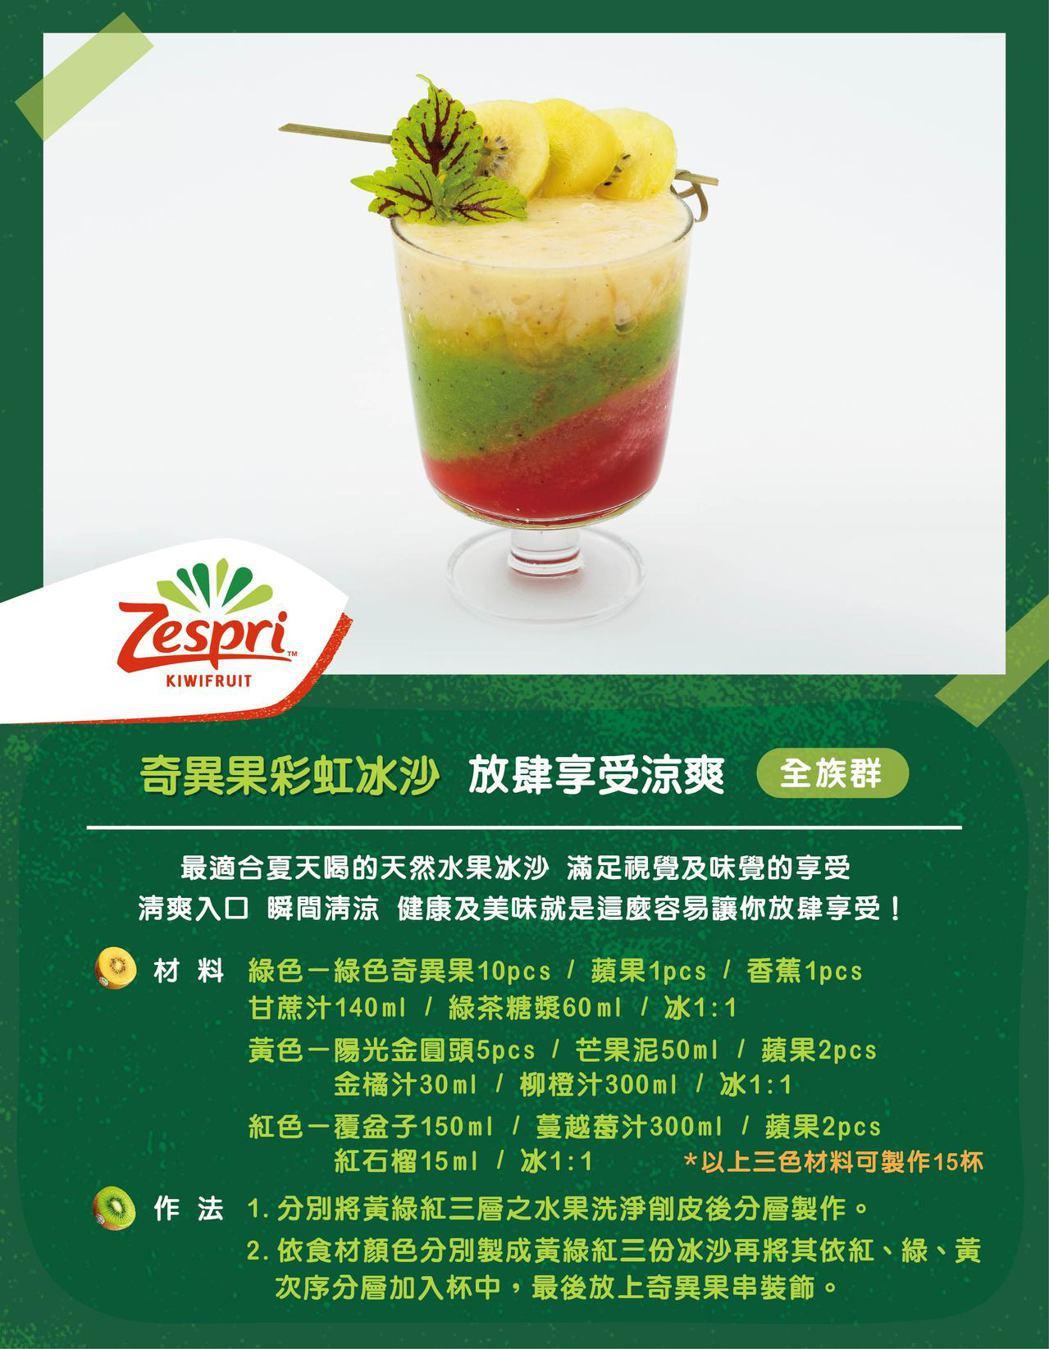 Zespri冰沙,在家就能輕鬆DIY。 圖/Zespri 提供